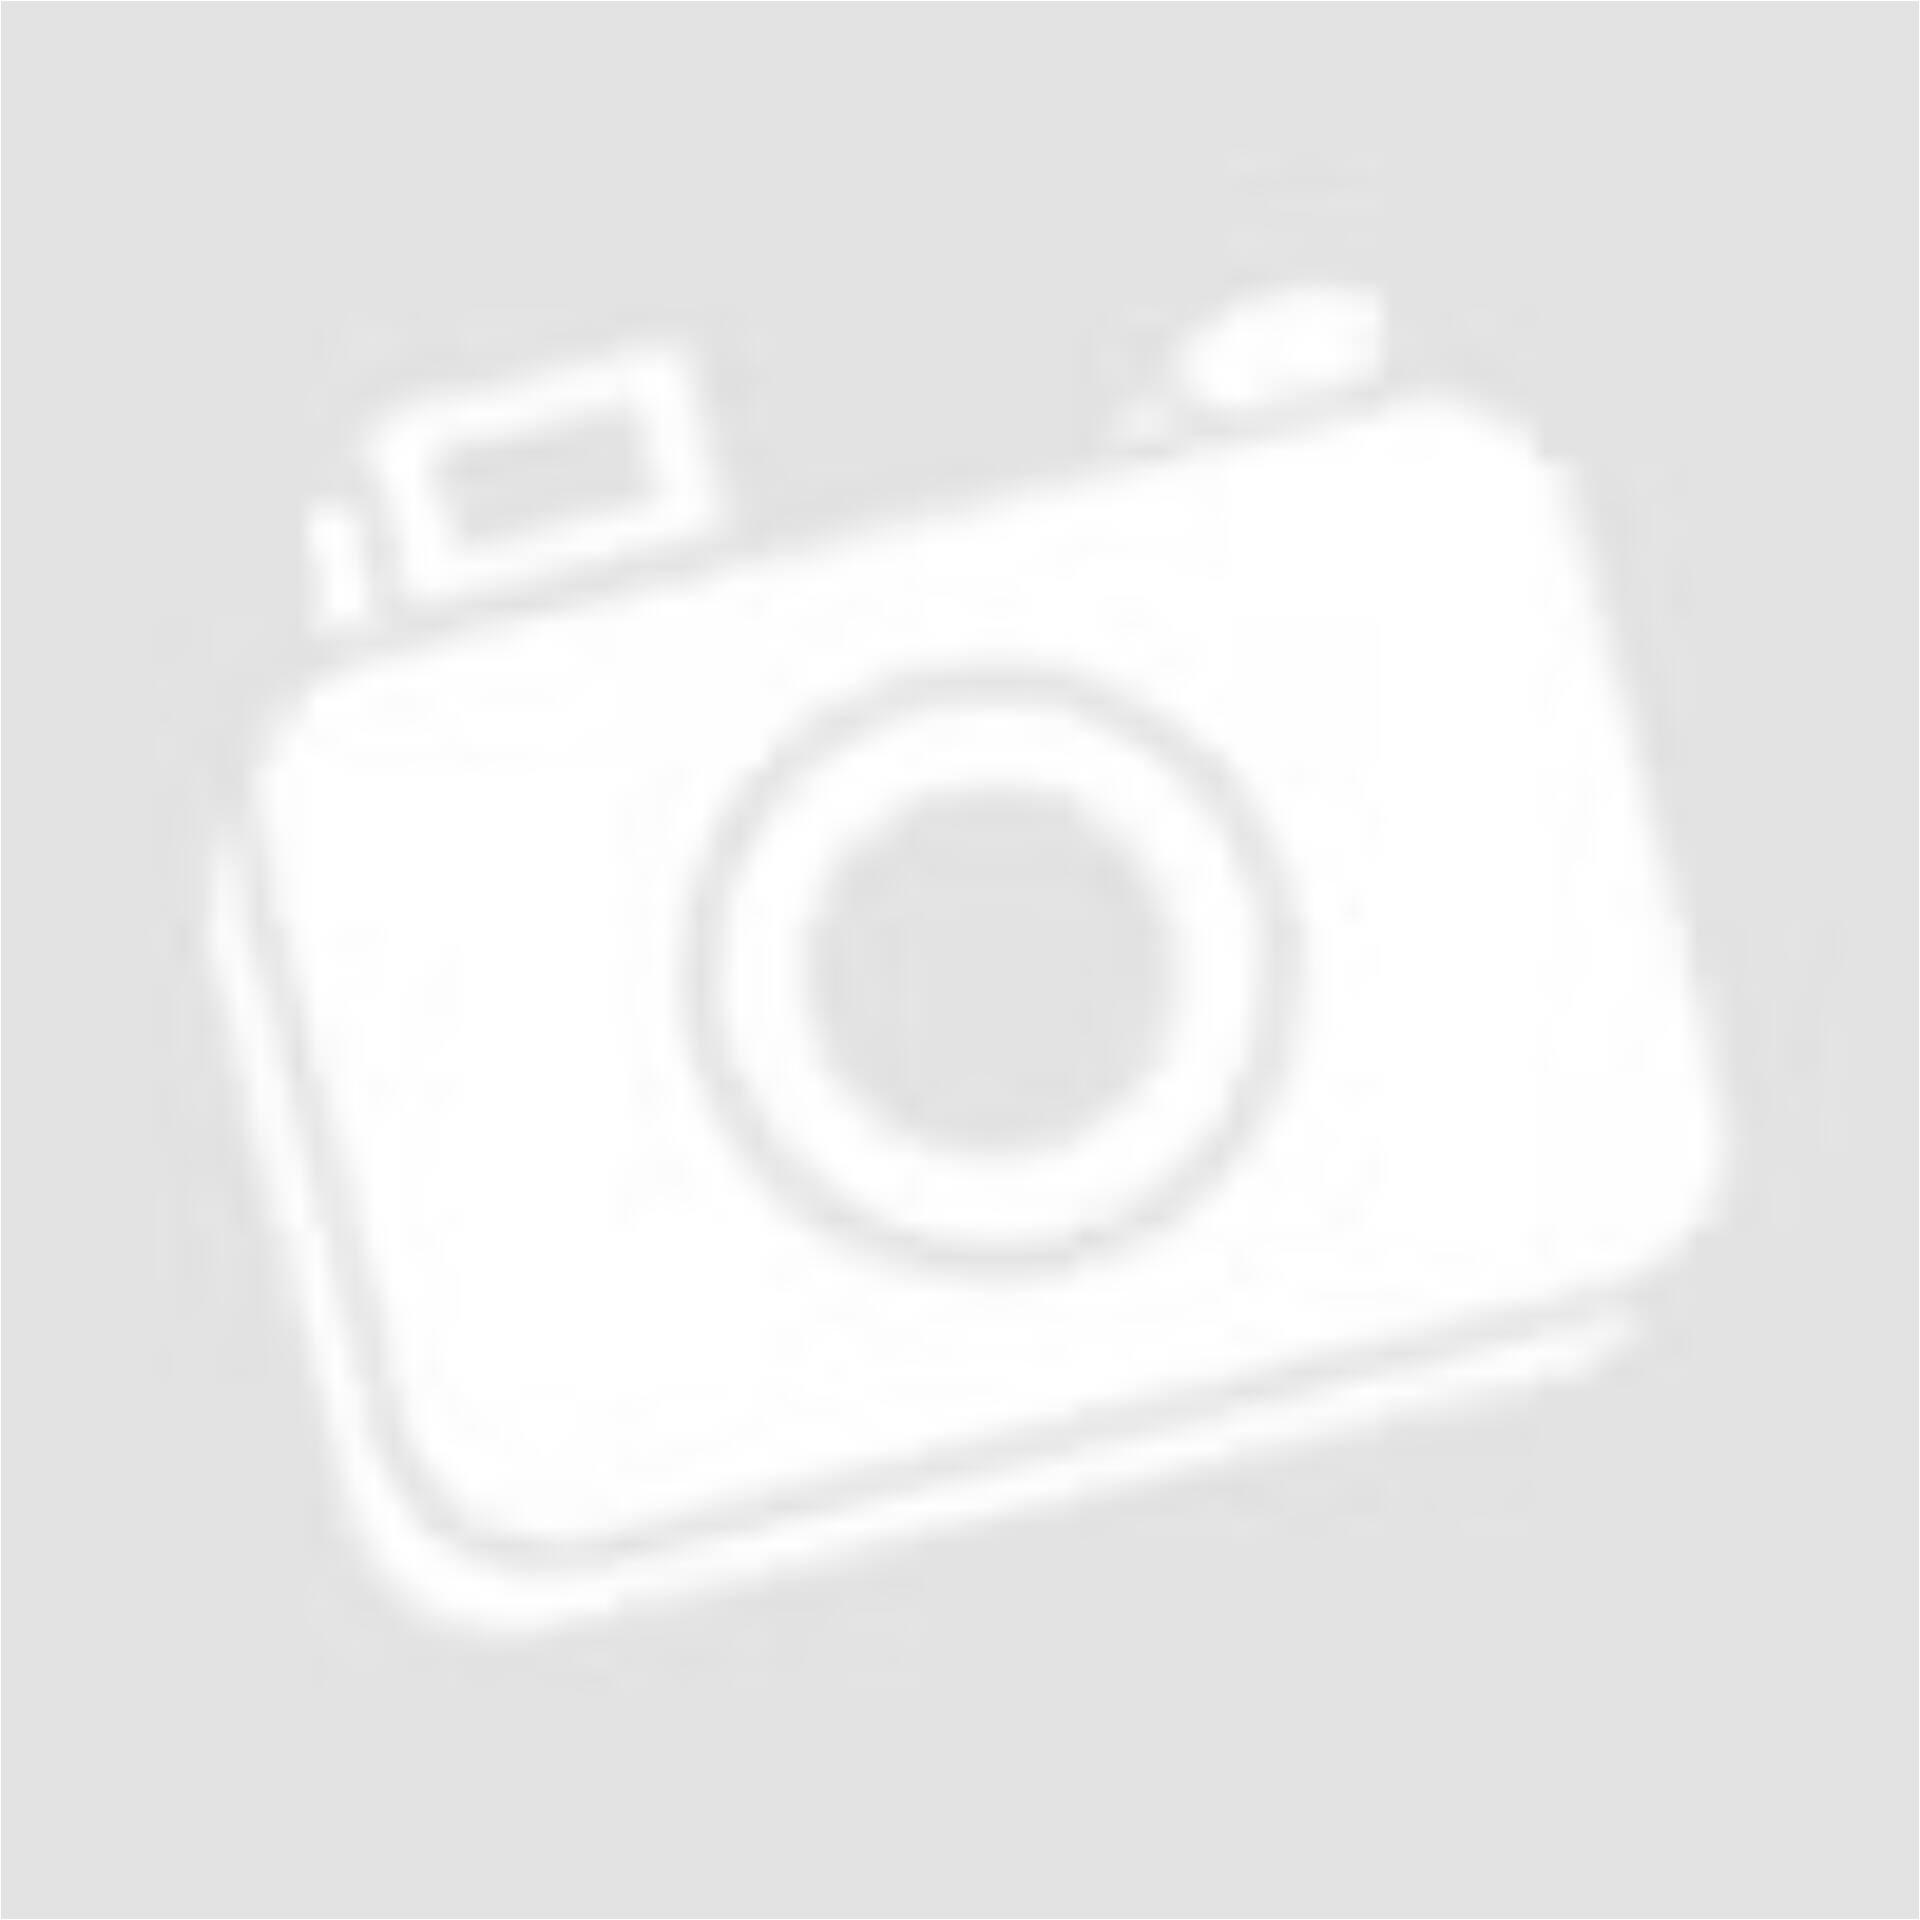 01679195e1 Kép 1/2 - LEE COOPER zsebekkel rendelkező piros és kék színű ing (Méret: L)